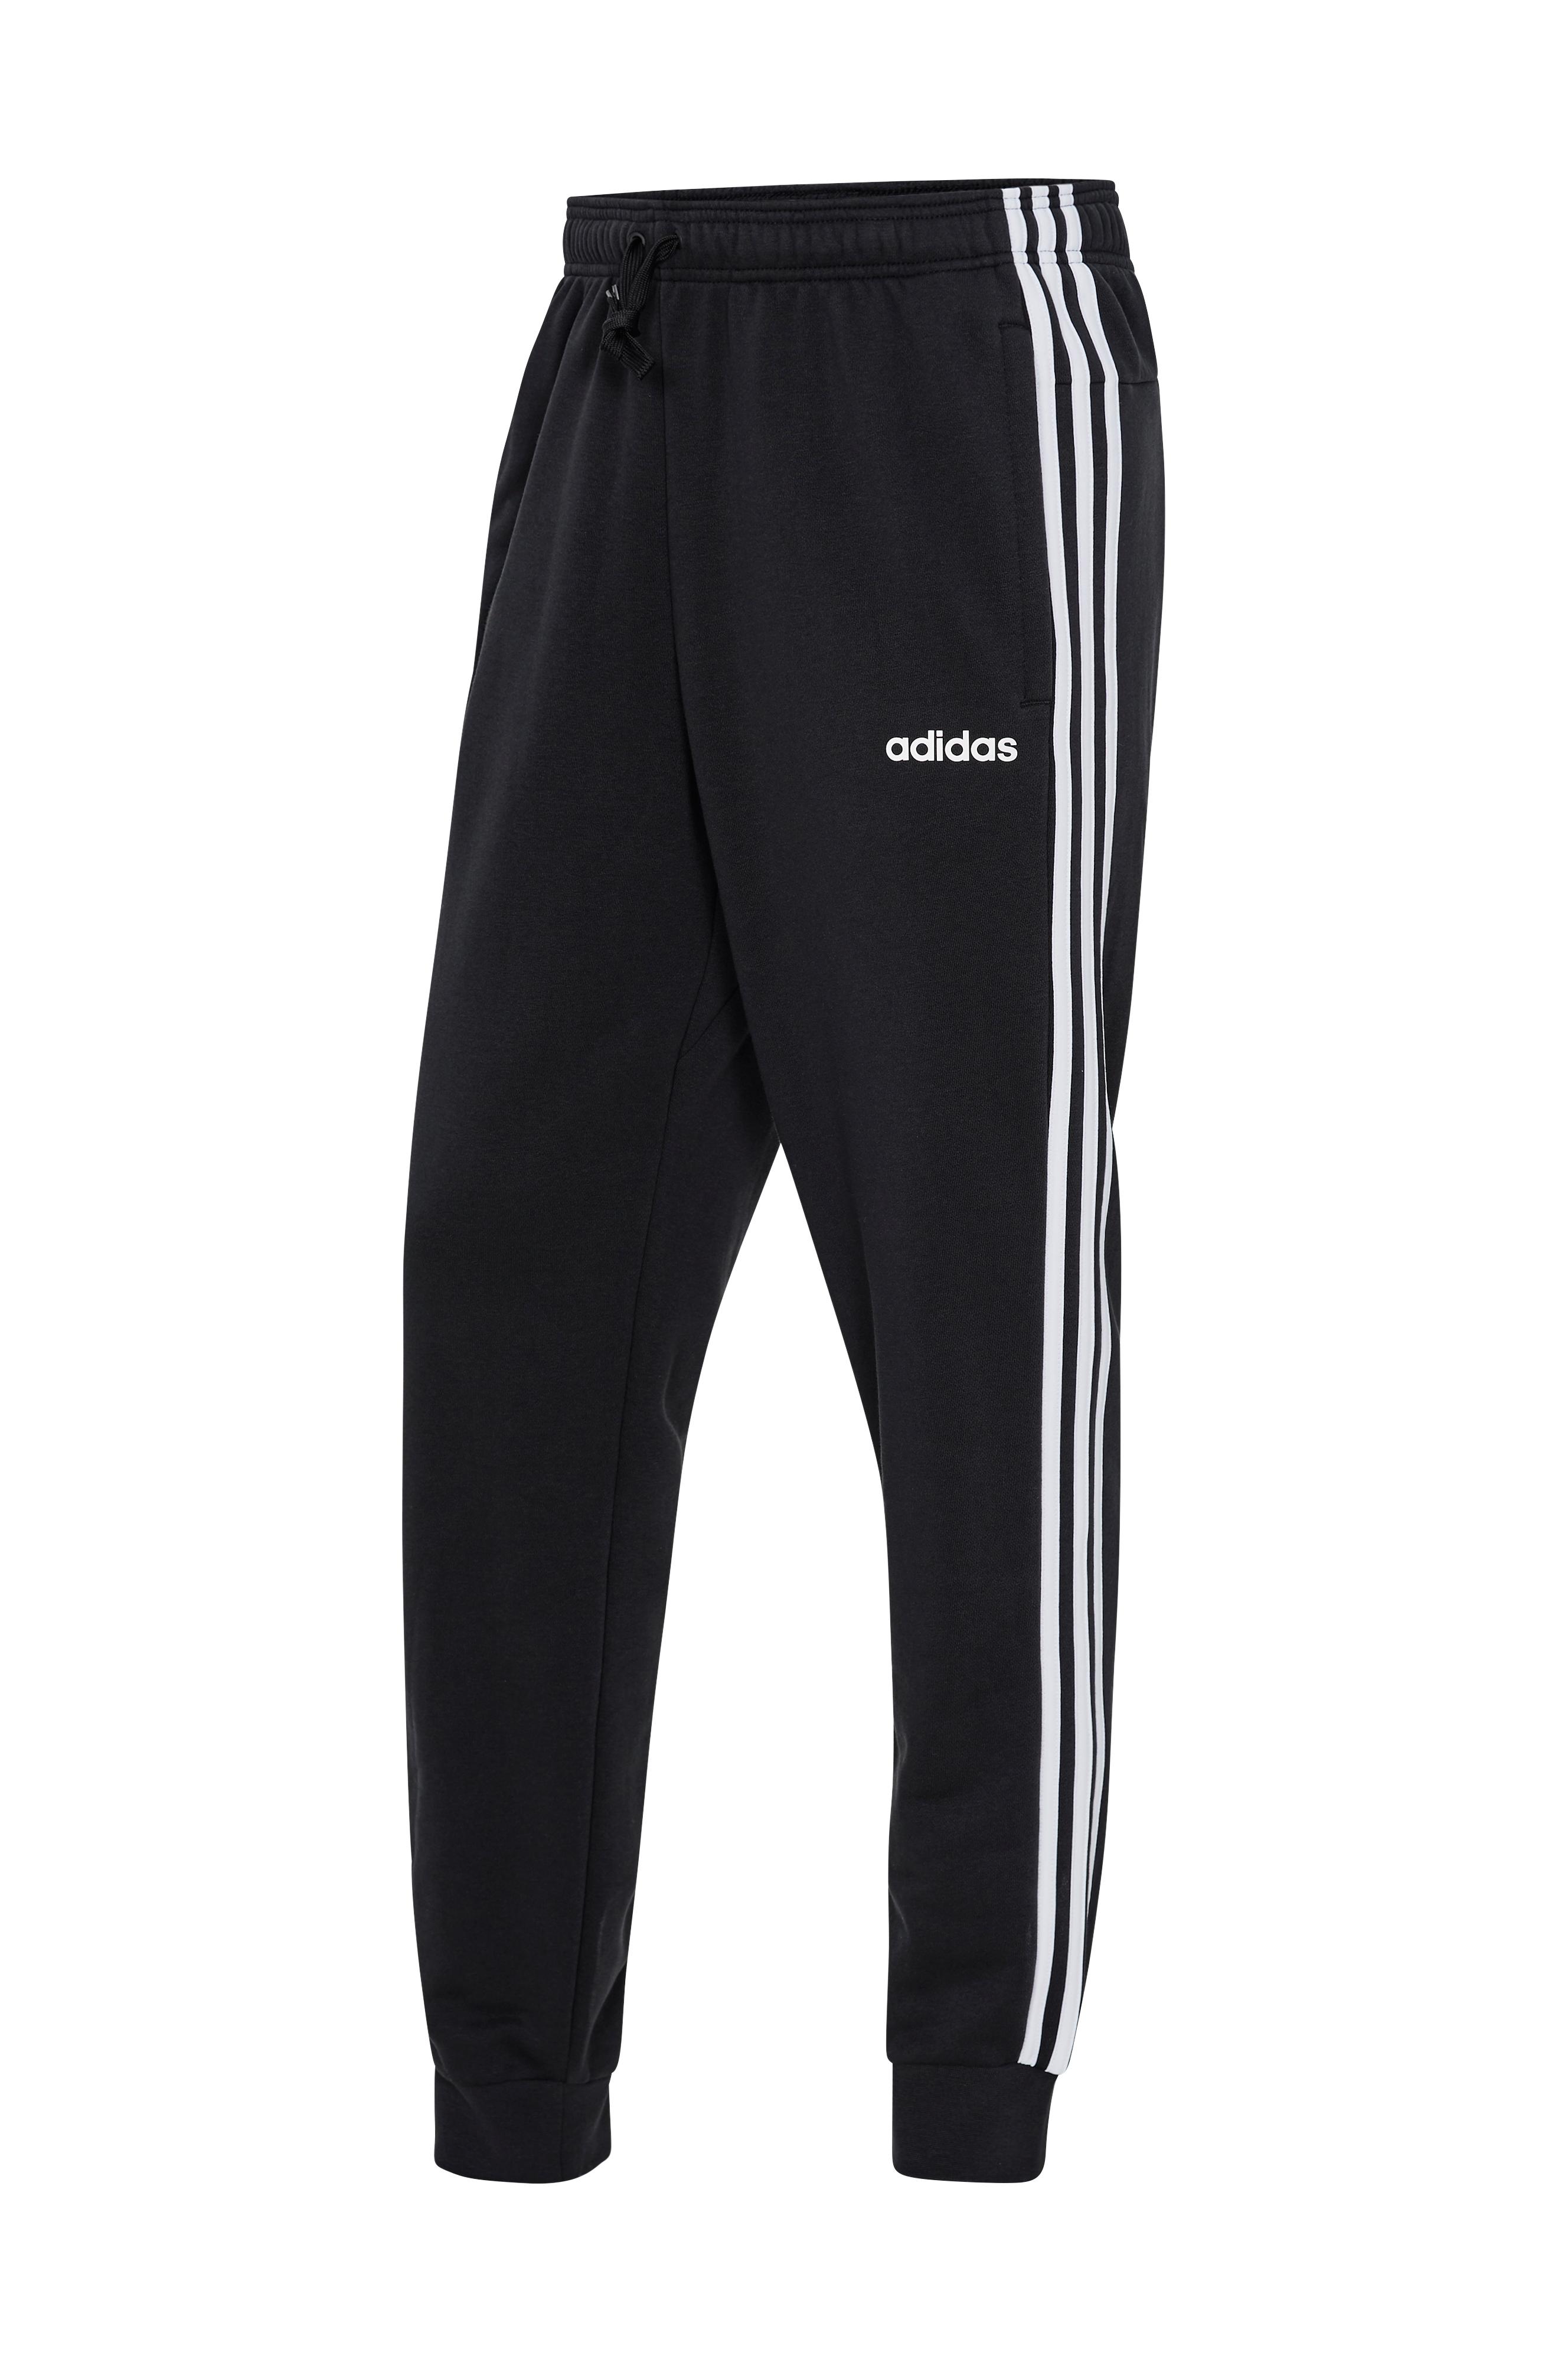 adidas Sport Performance Essentials 3 stripes Tapered Cuffed Pants  treenihousut - Musta - Miehet - Ellos.fi a0d4f41c5d